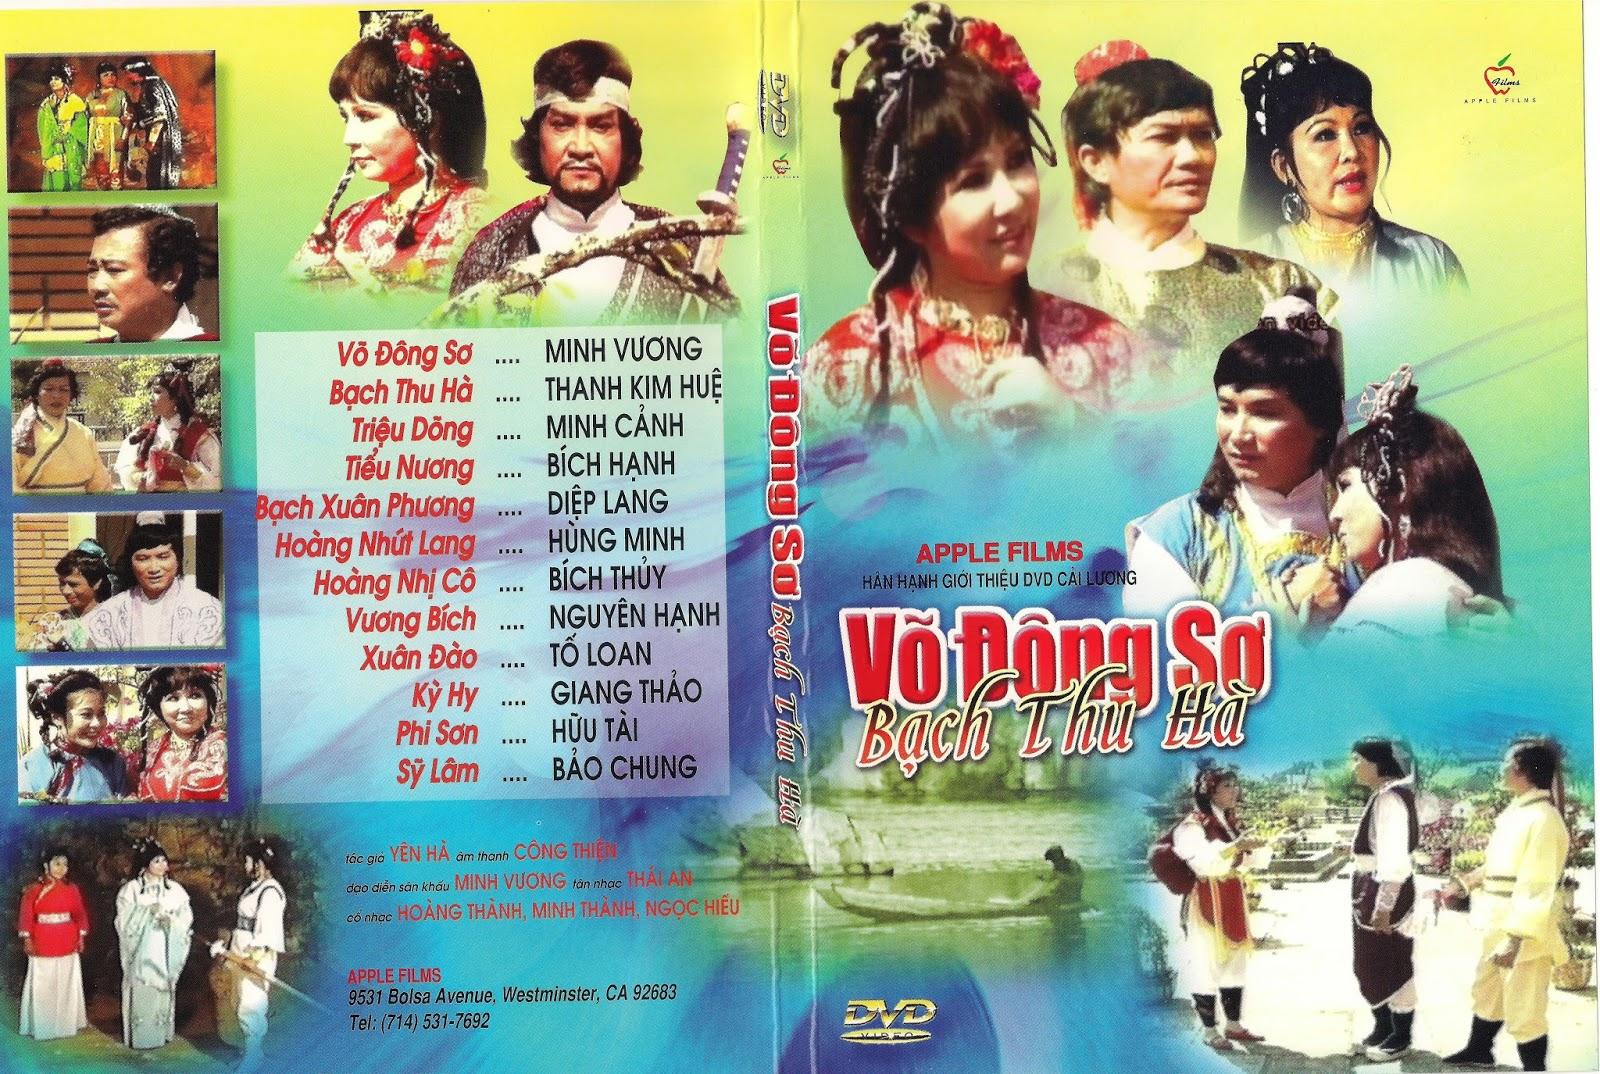 Võ Đông Sơ Bạch Thu Hà